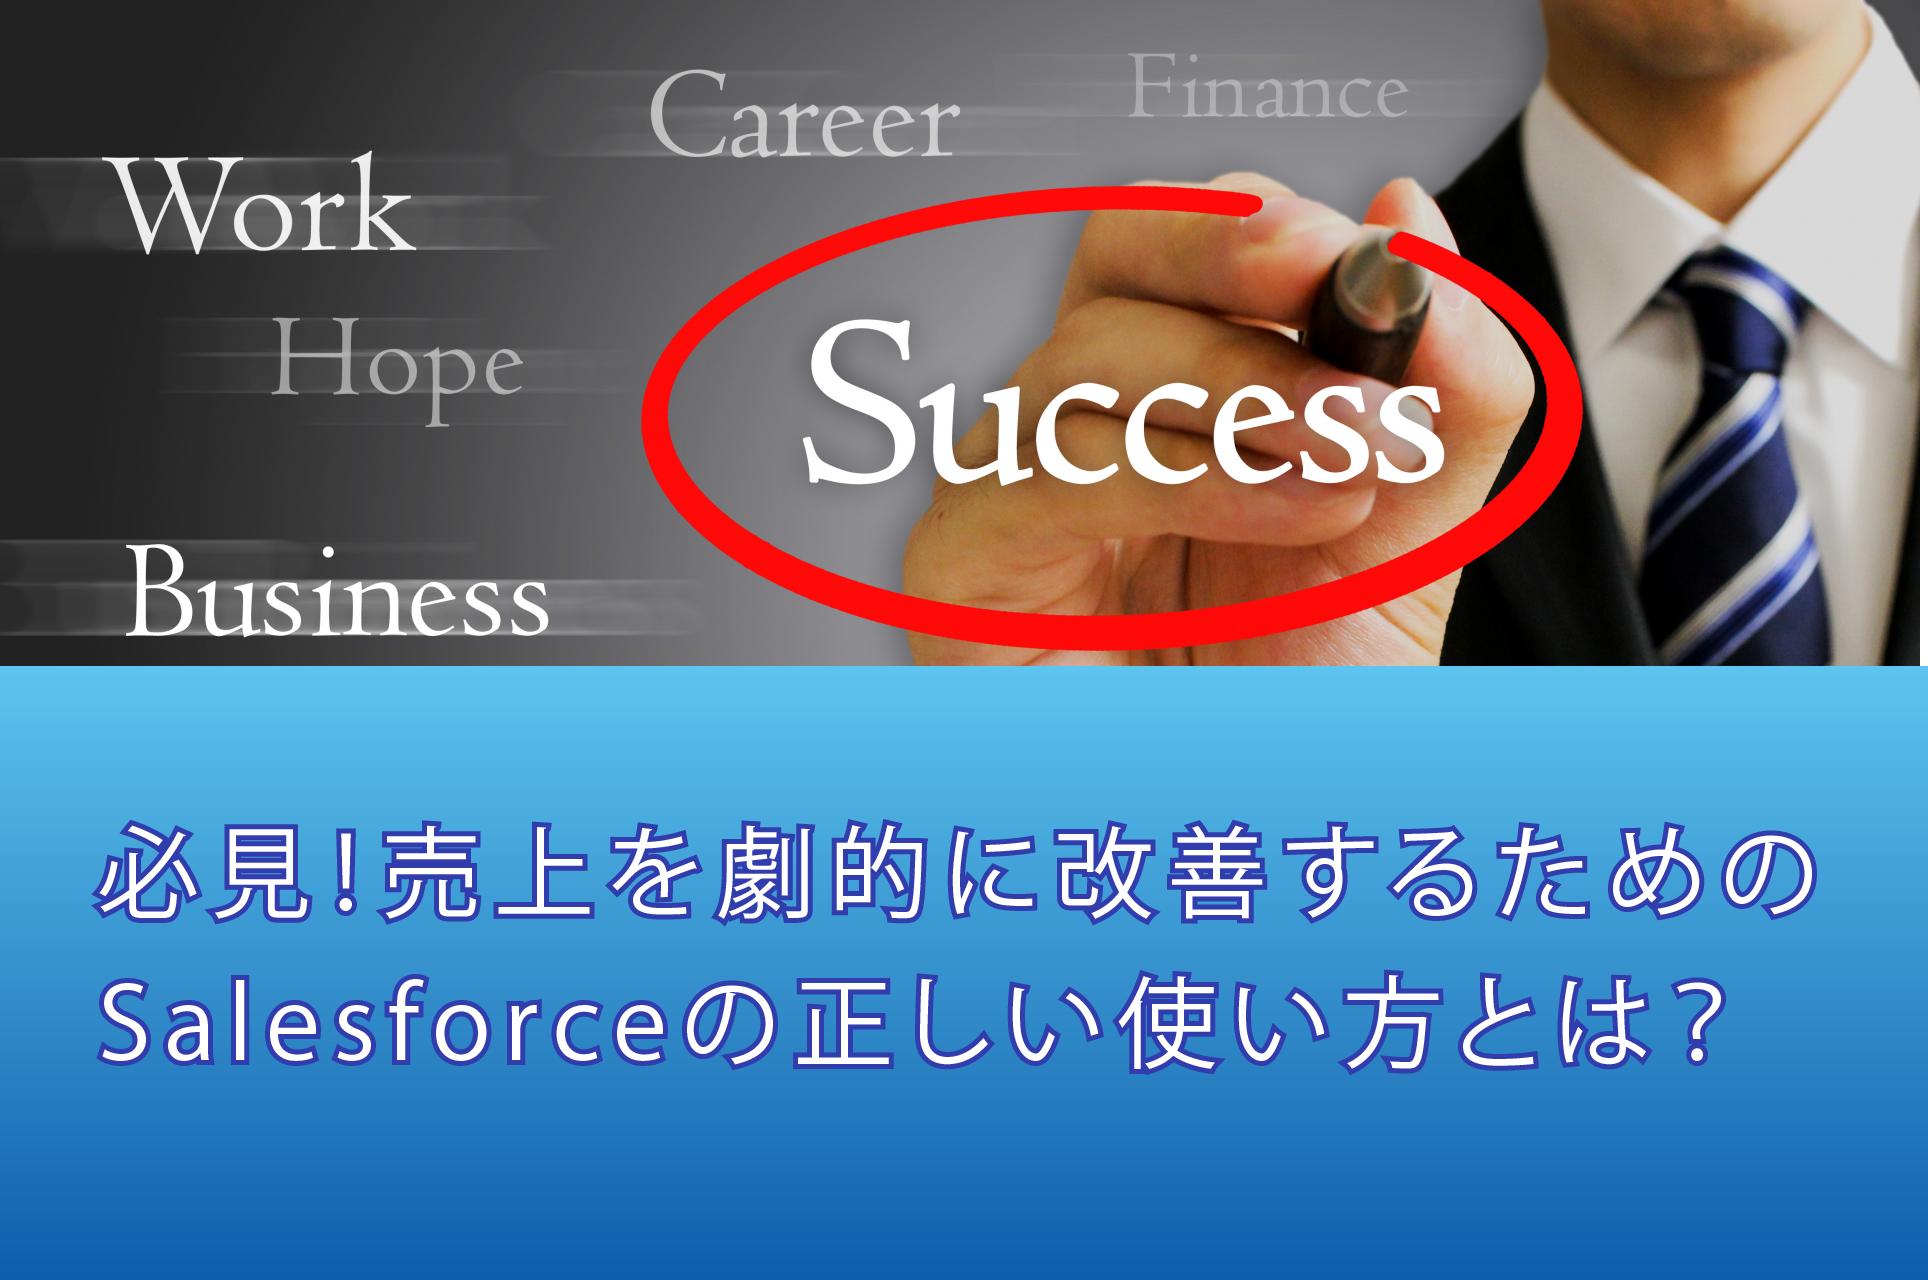 ジェイ・エス・エス新潟salesforce研究会